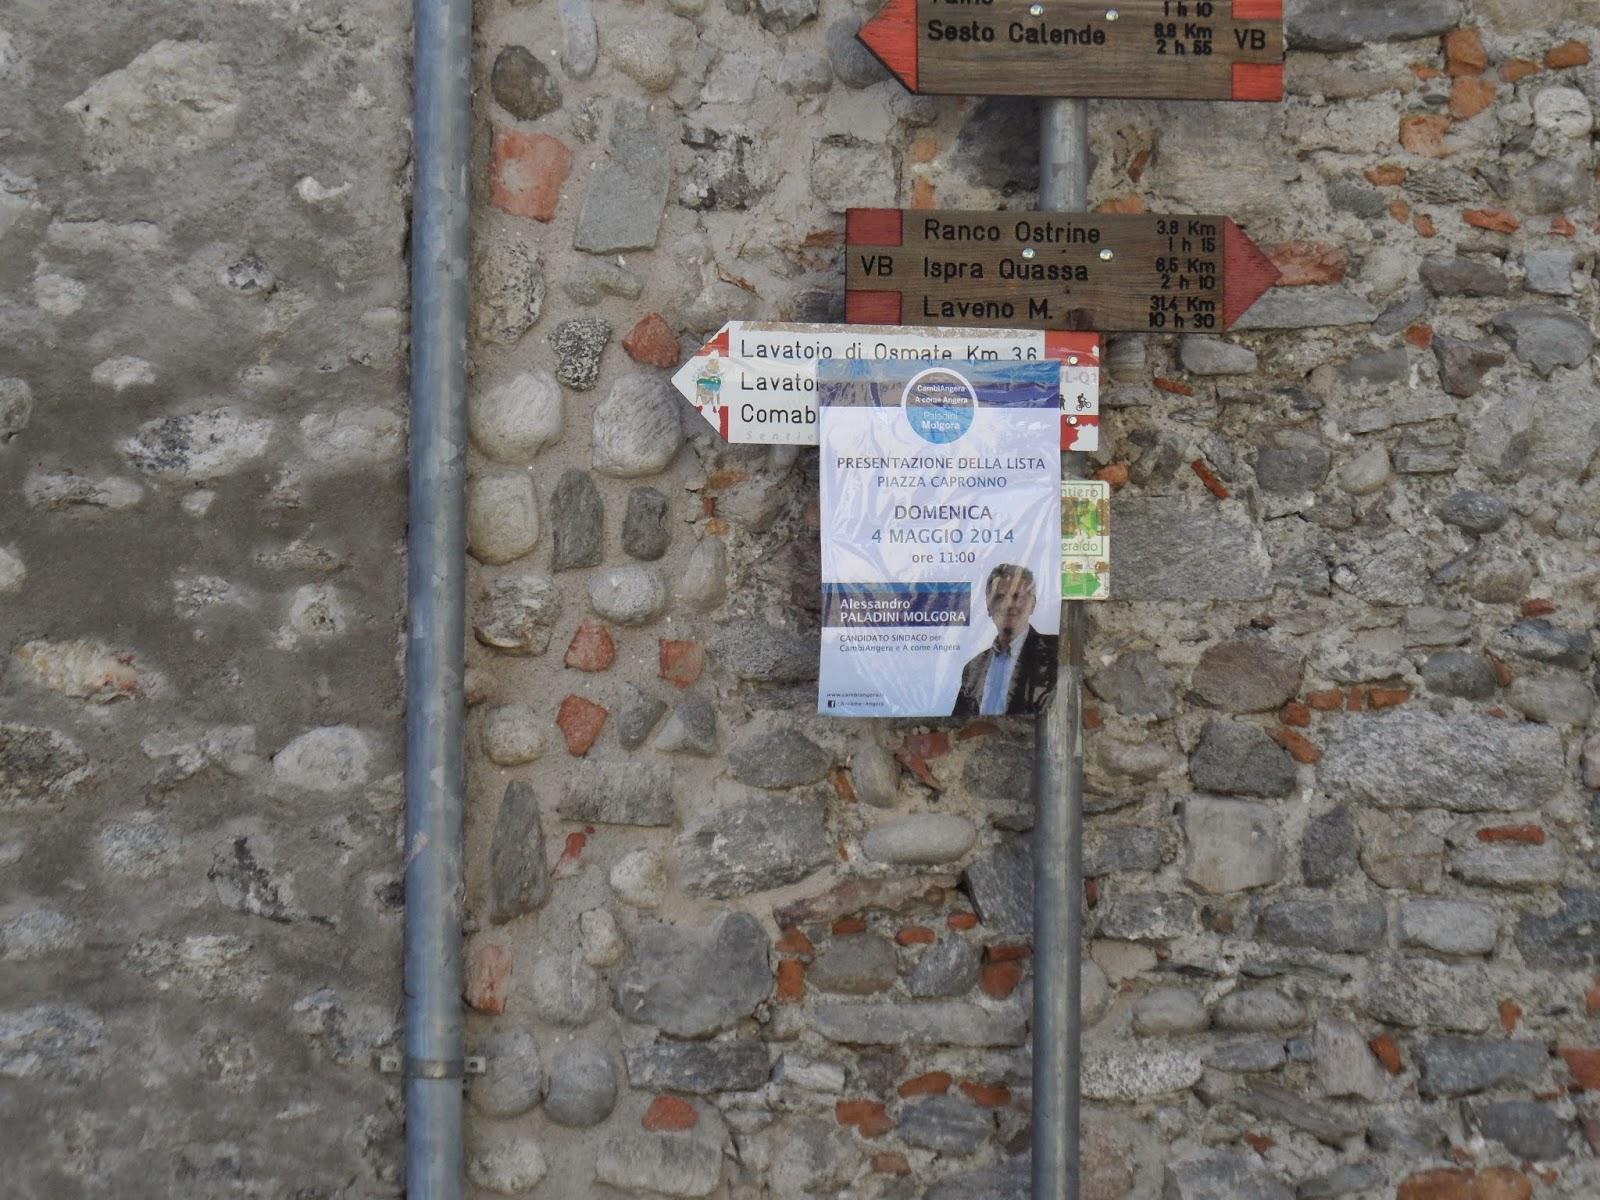 materiale di propaganda e manifesti attinenti le elezioni al di fuori degli spazi assegnati per la propaganda elettorale